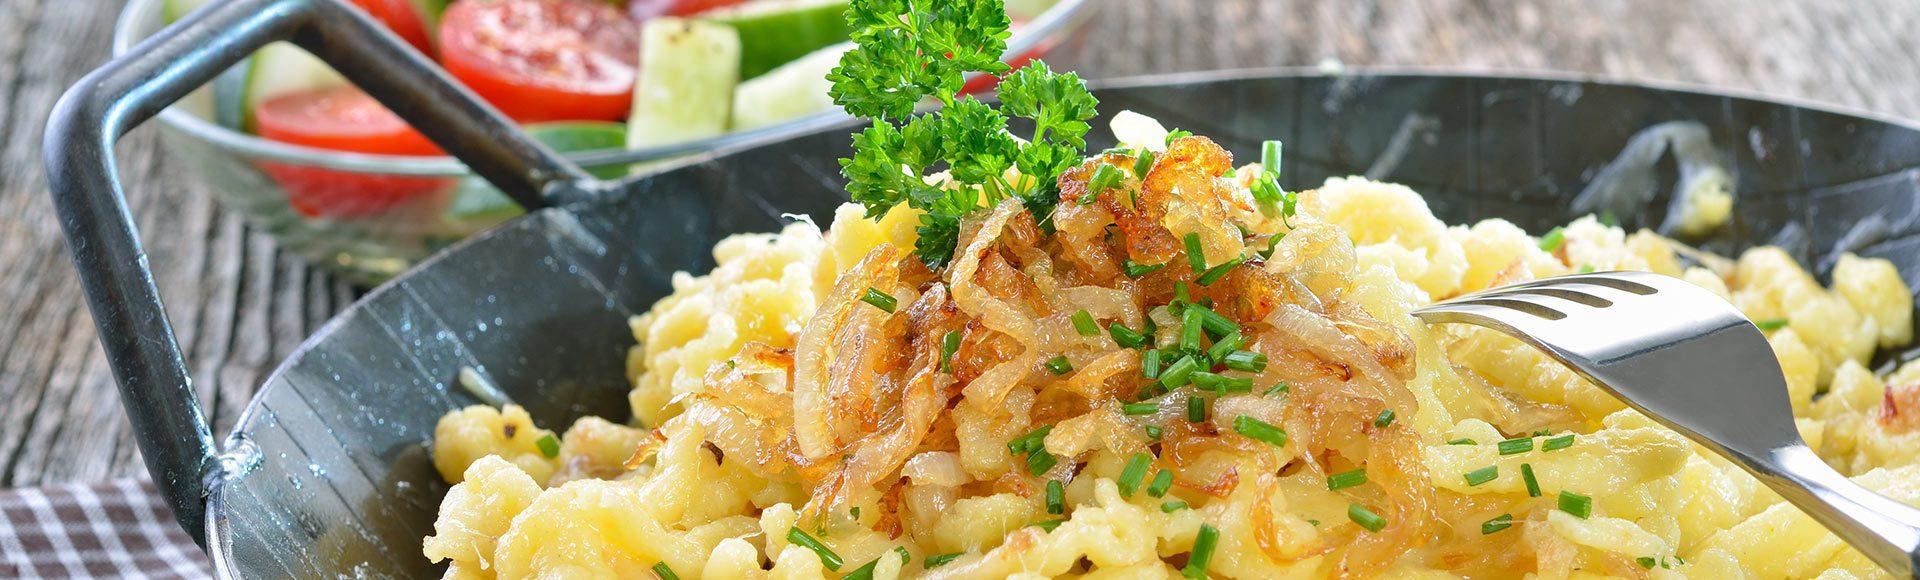 Essen Trinken Shutterstock 1